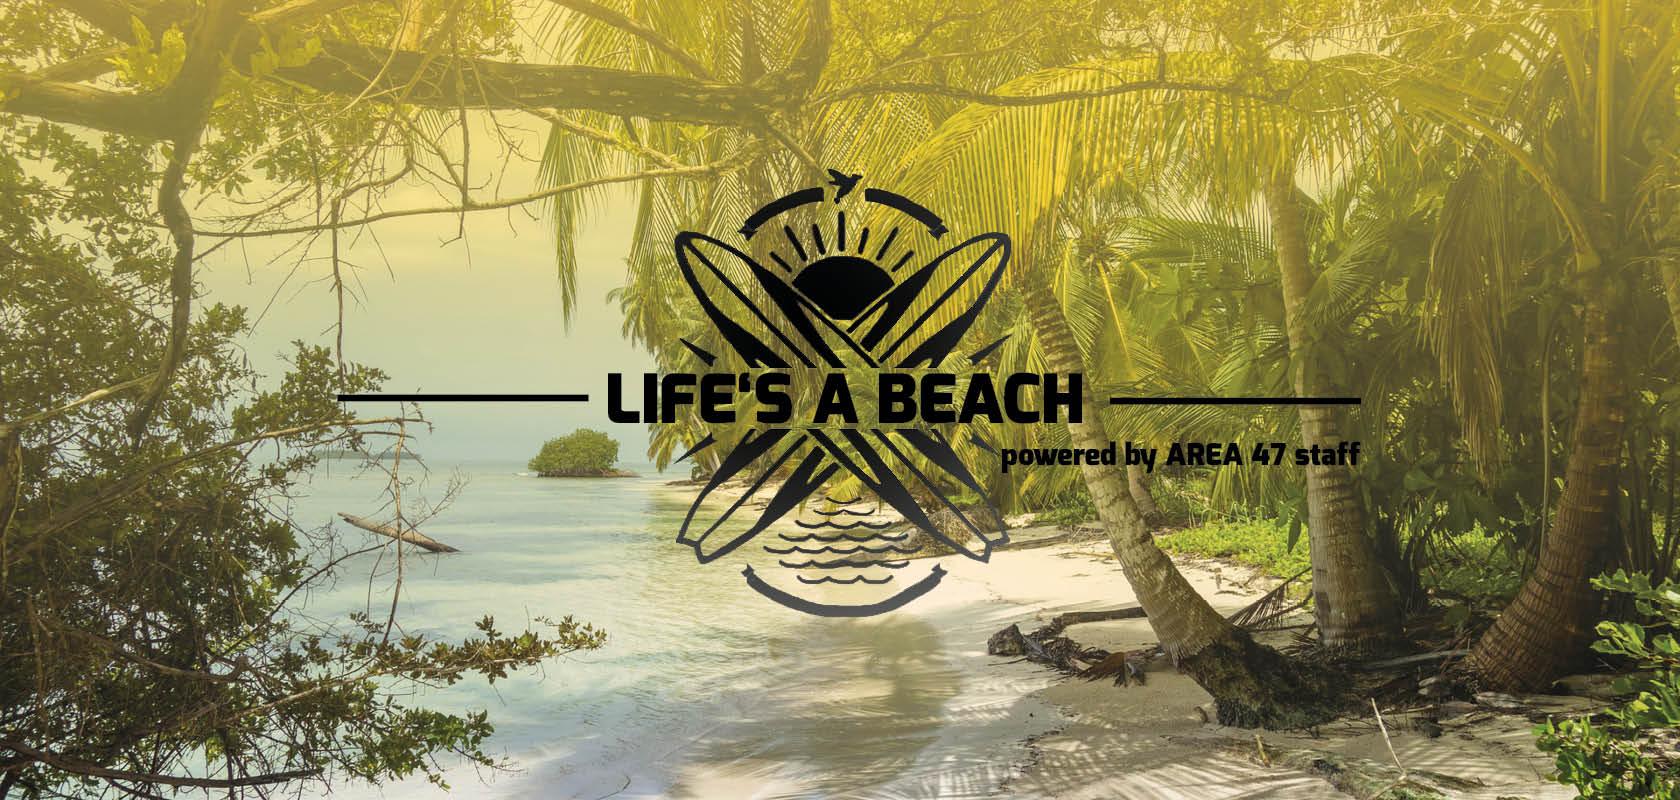 Beach Party in der AREA 47